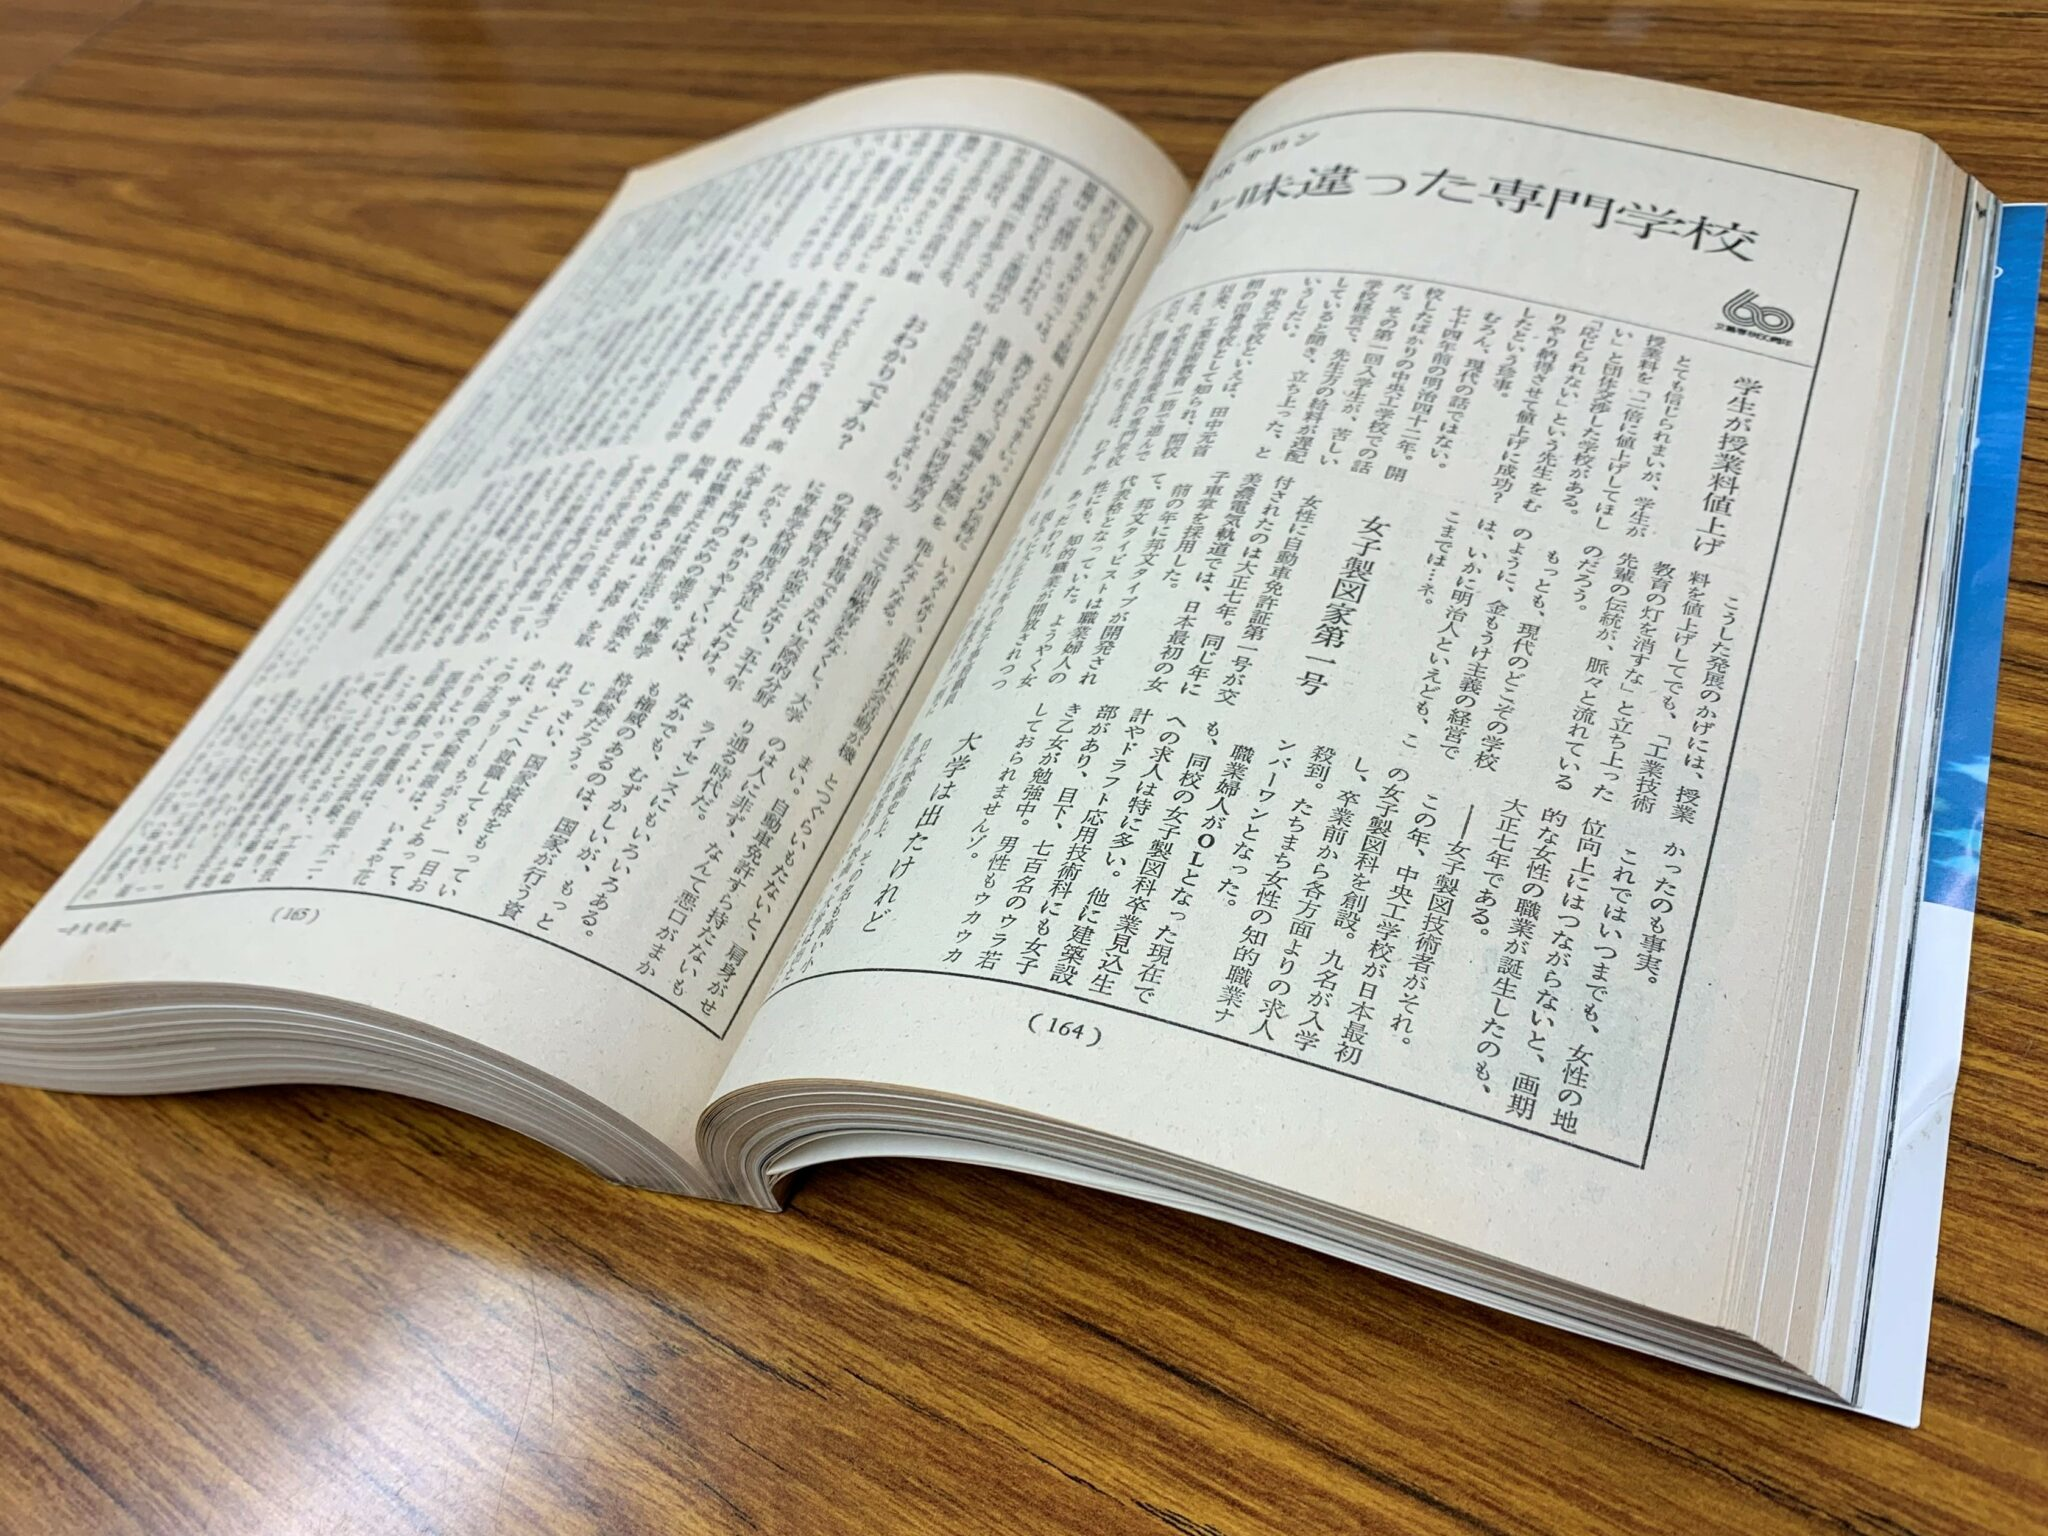 ひと味違った専門学校①【中央工学校入学相談室】